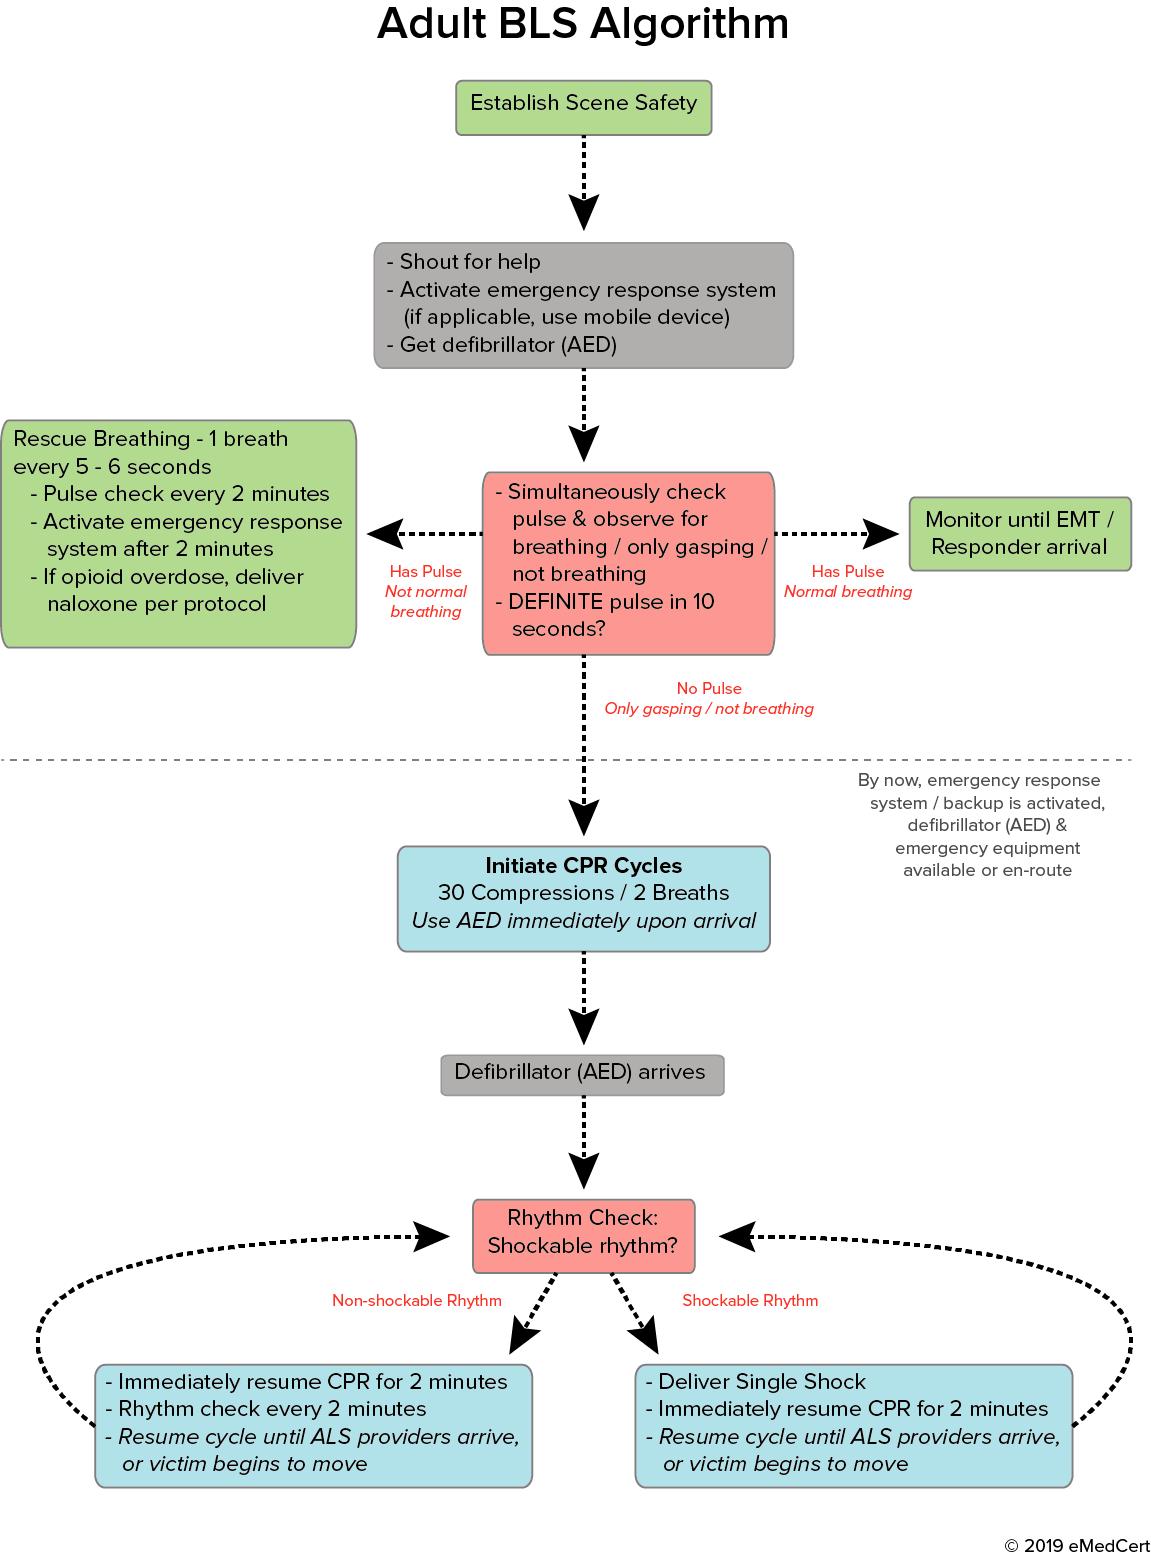 Adult BLS Algorithm